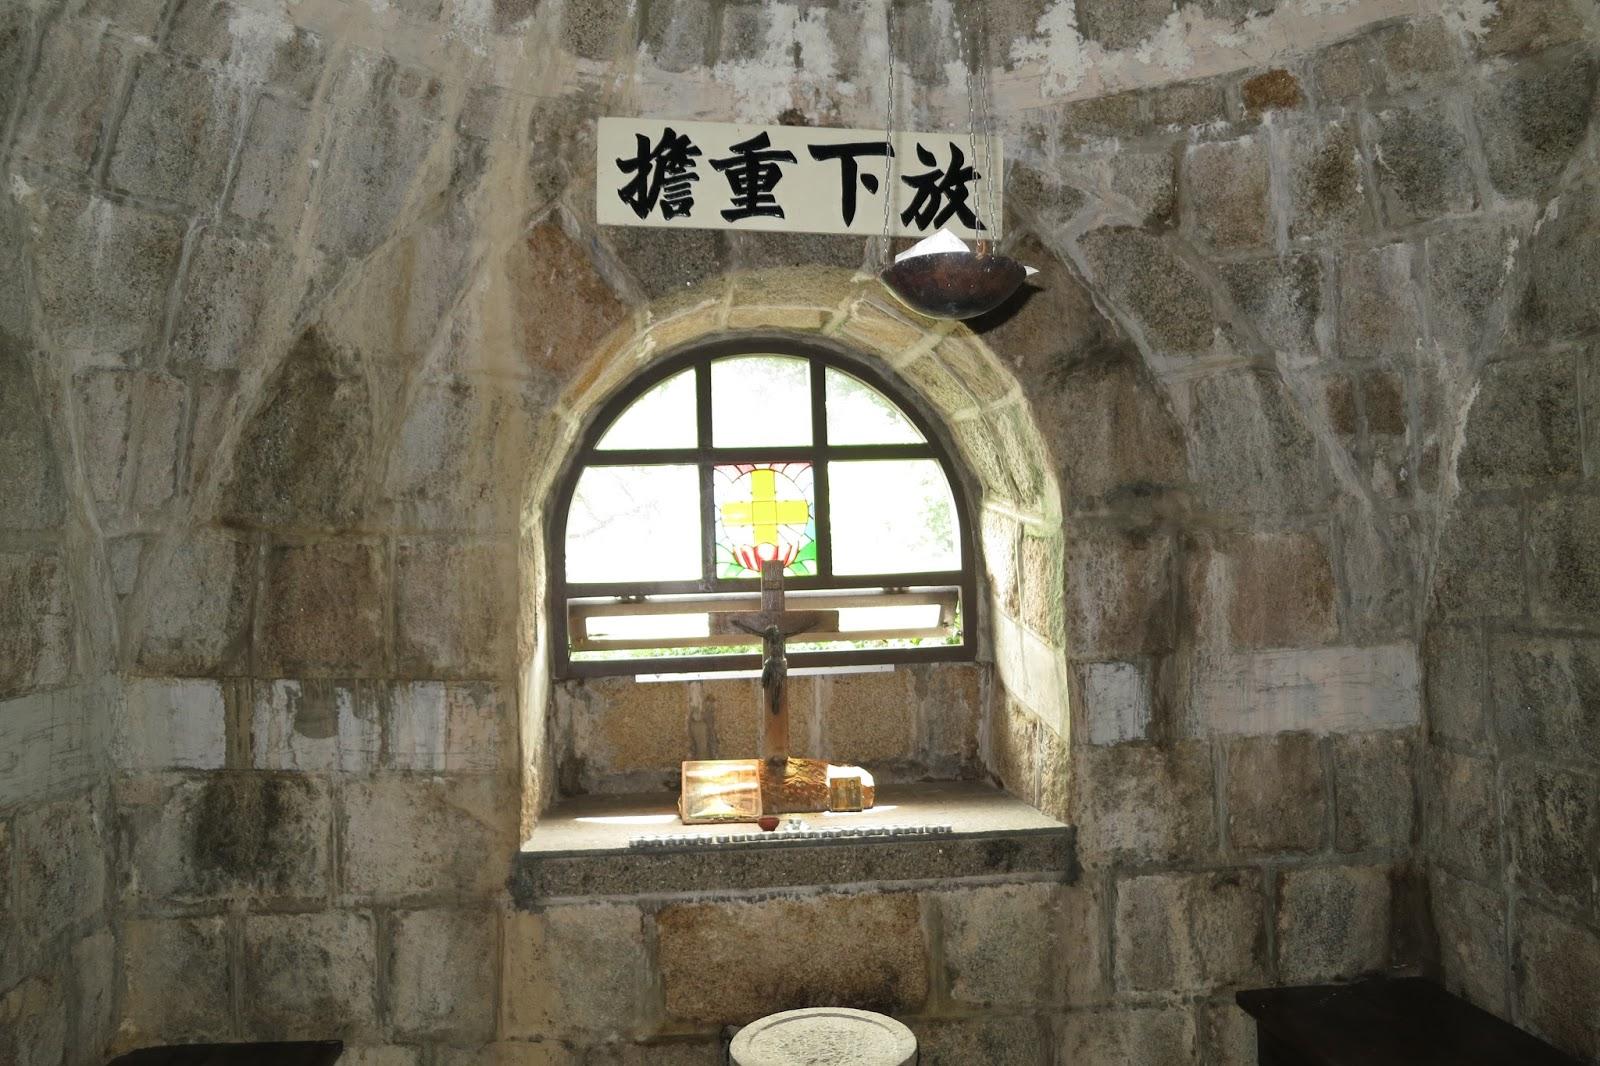 道風山基督教叢林 - 特色景點 - SeeWide